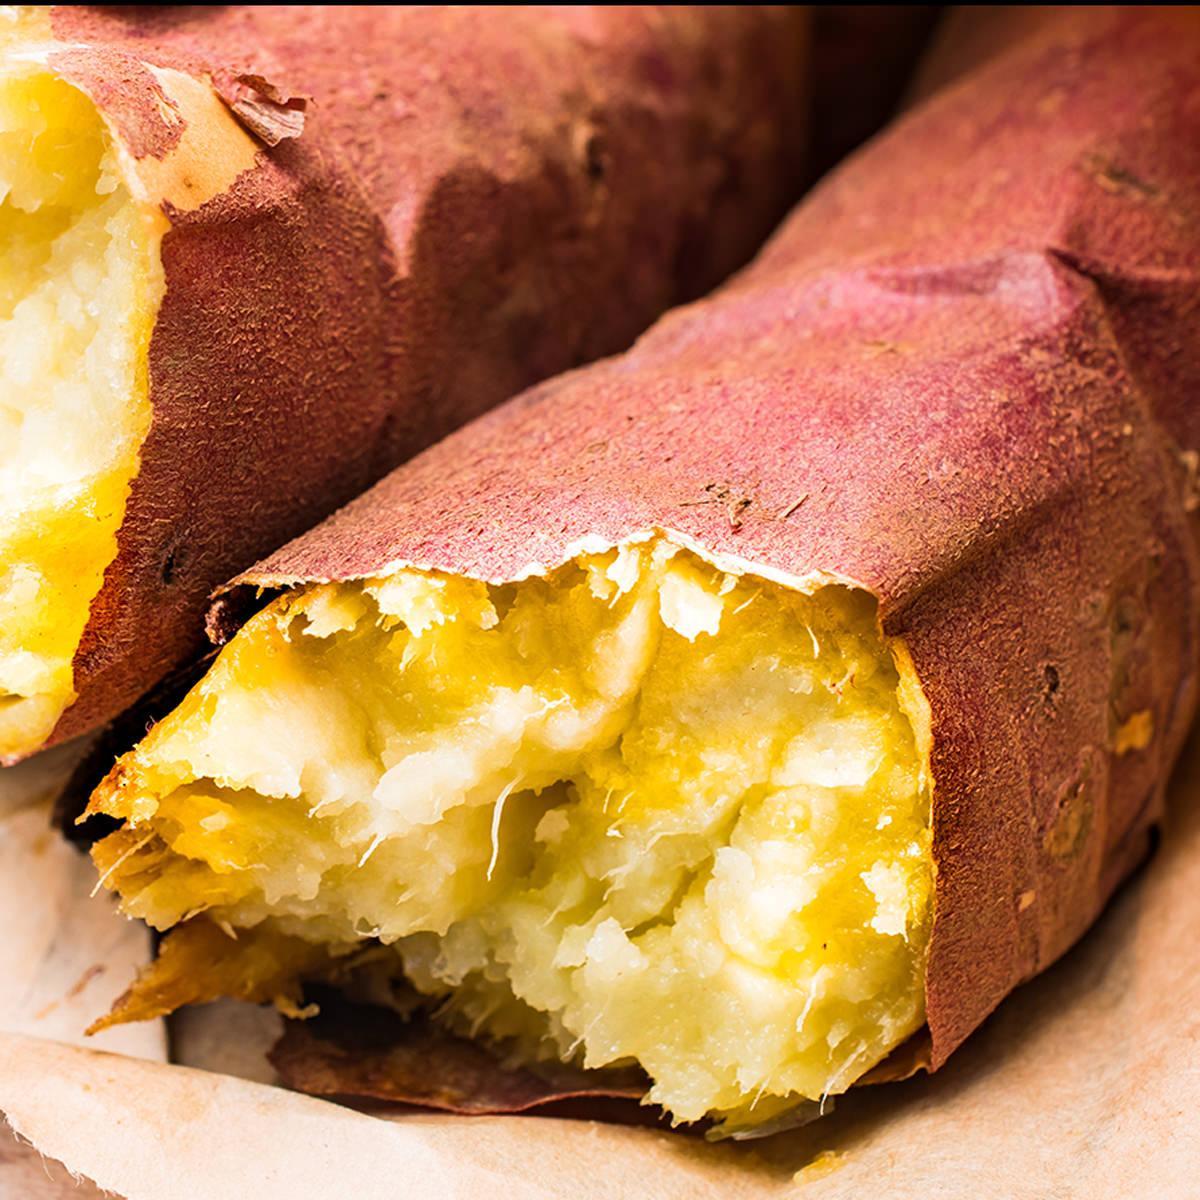 サラダファイブ 濃厚で甘いブランド芋 熊本県産さつまいも シルクスイート A等級〔Lサイズ5kg〕